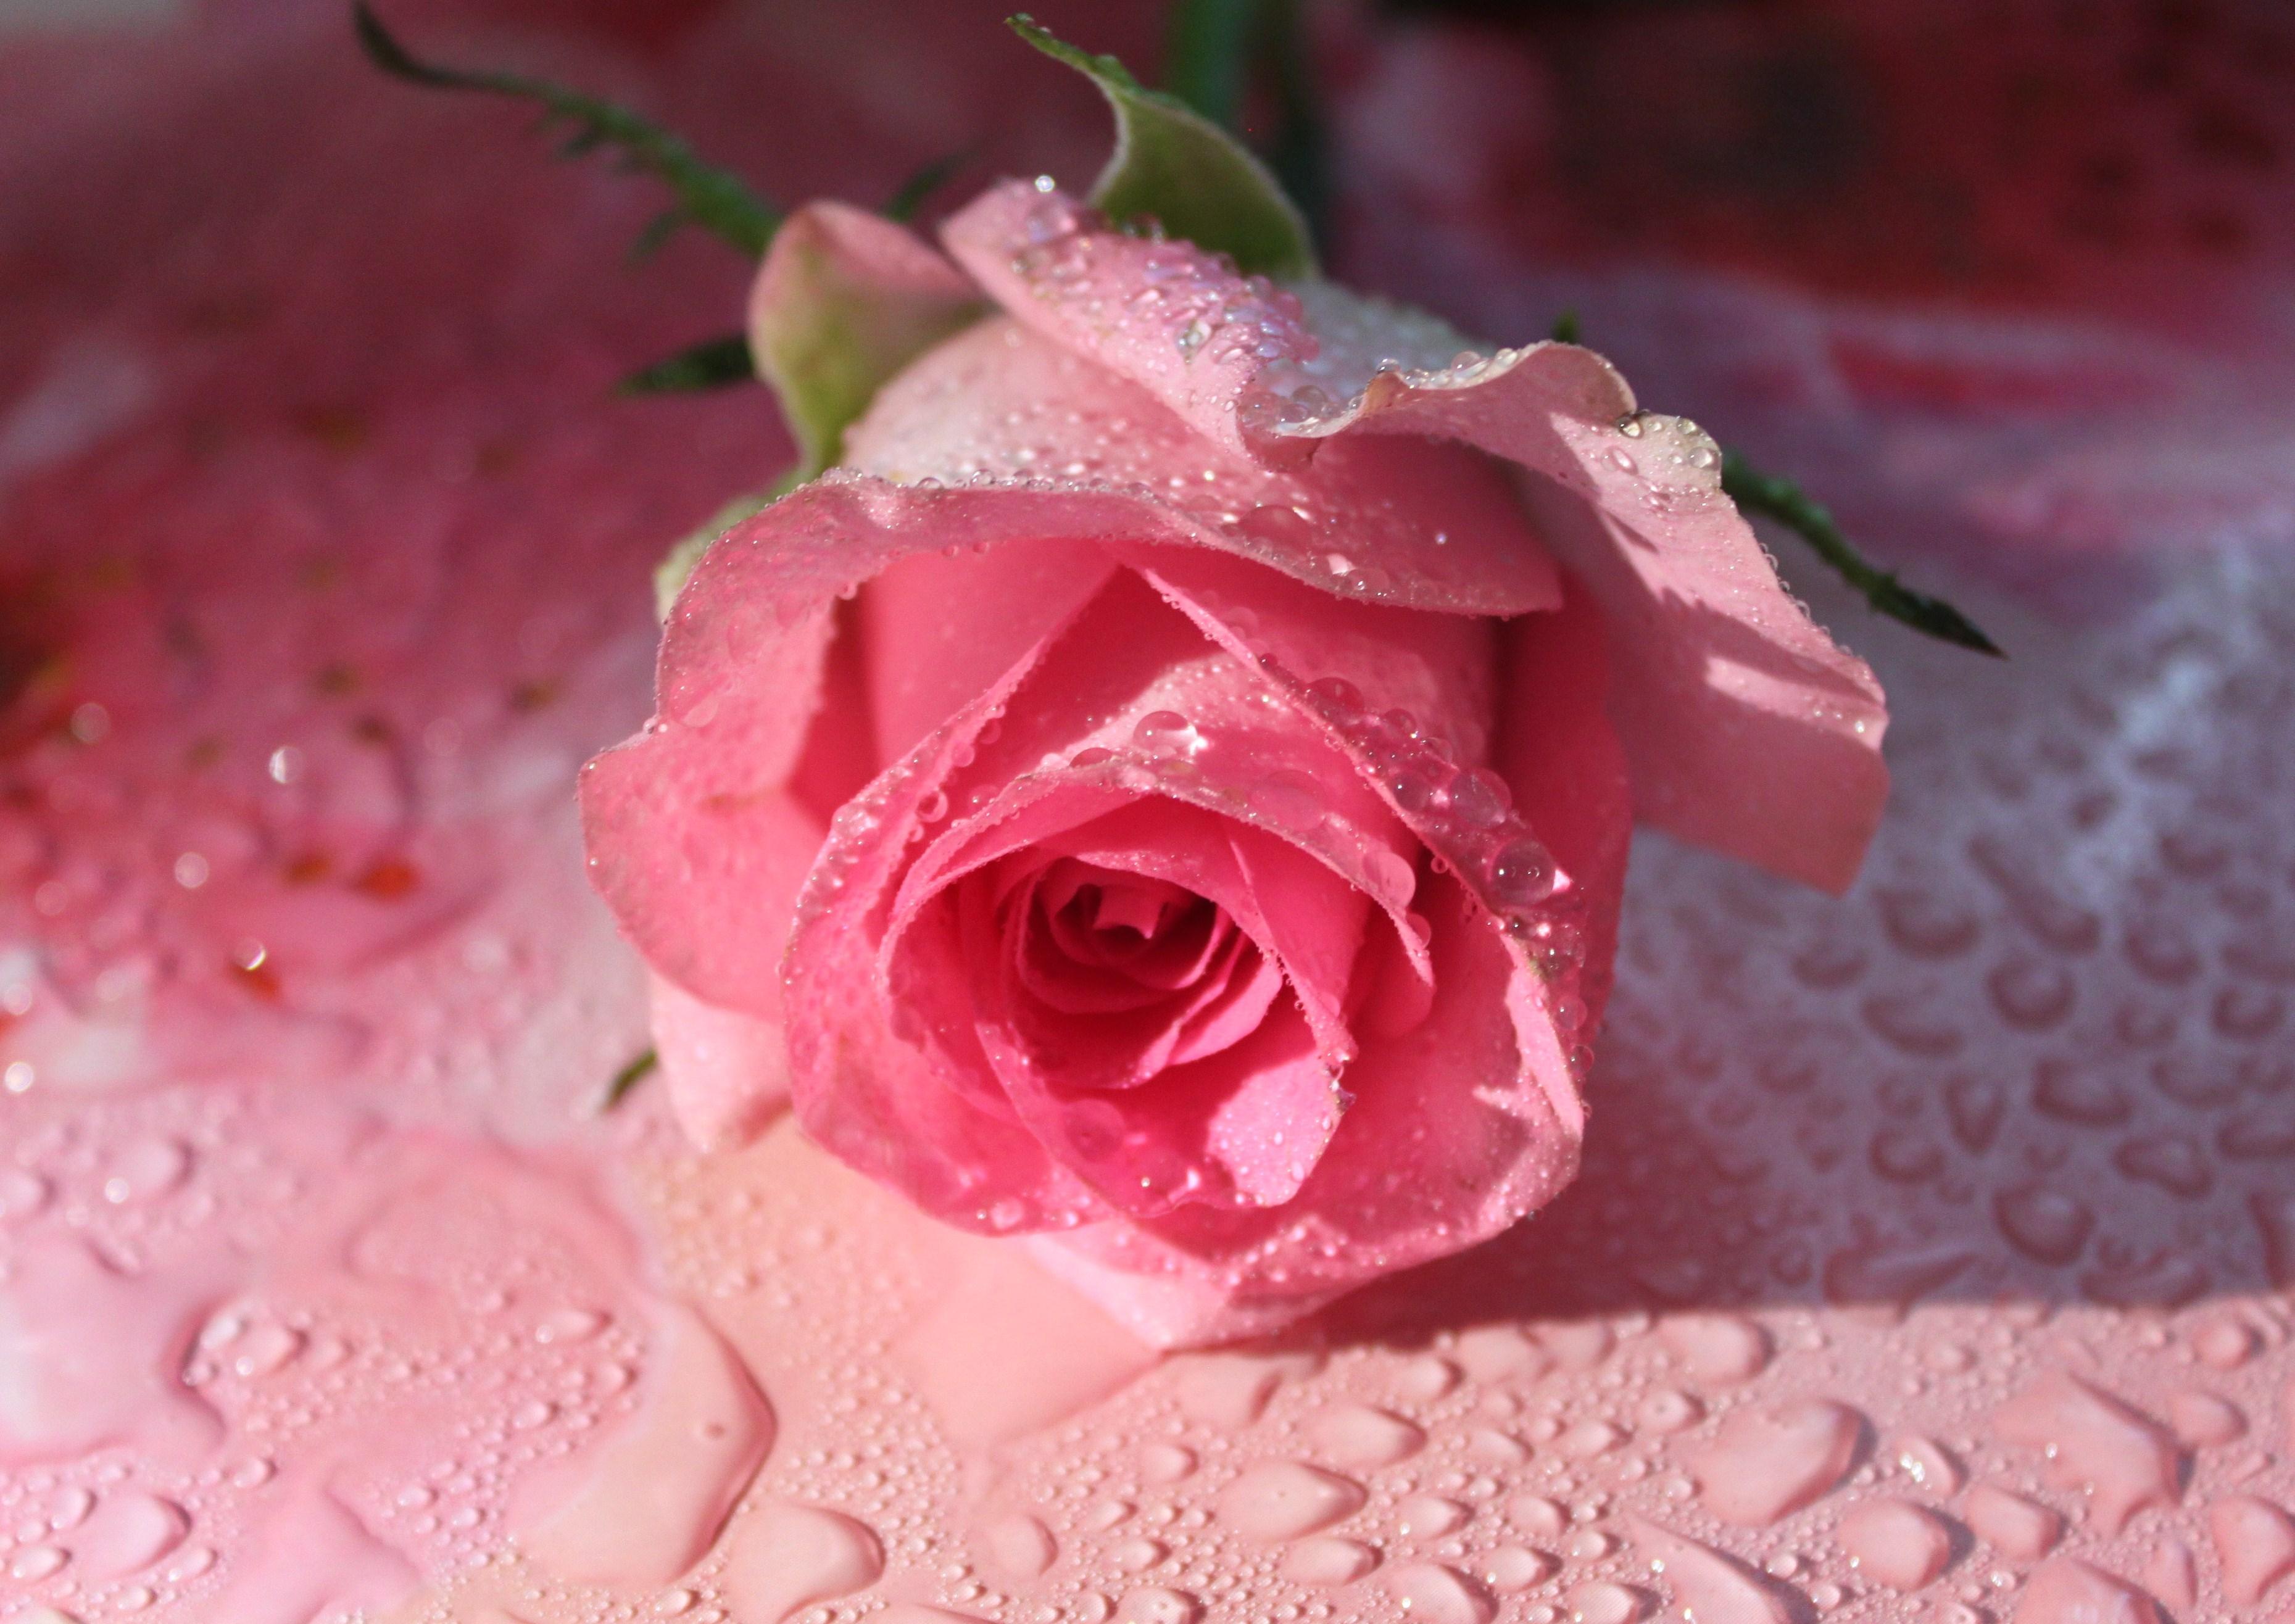 Анимации картинки розовые розы, смешные приколы